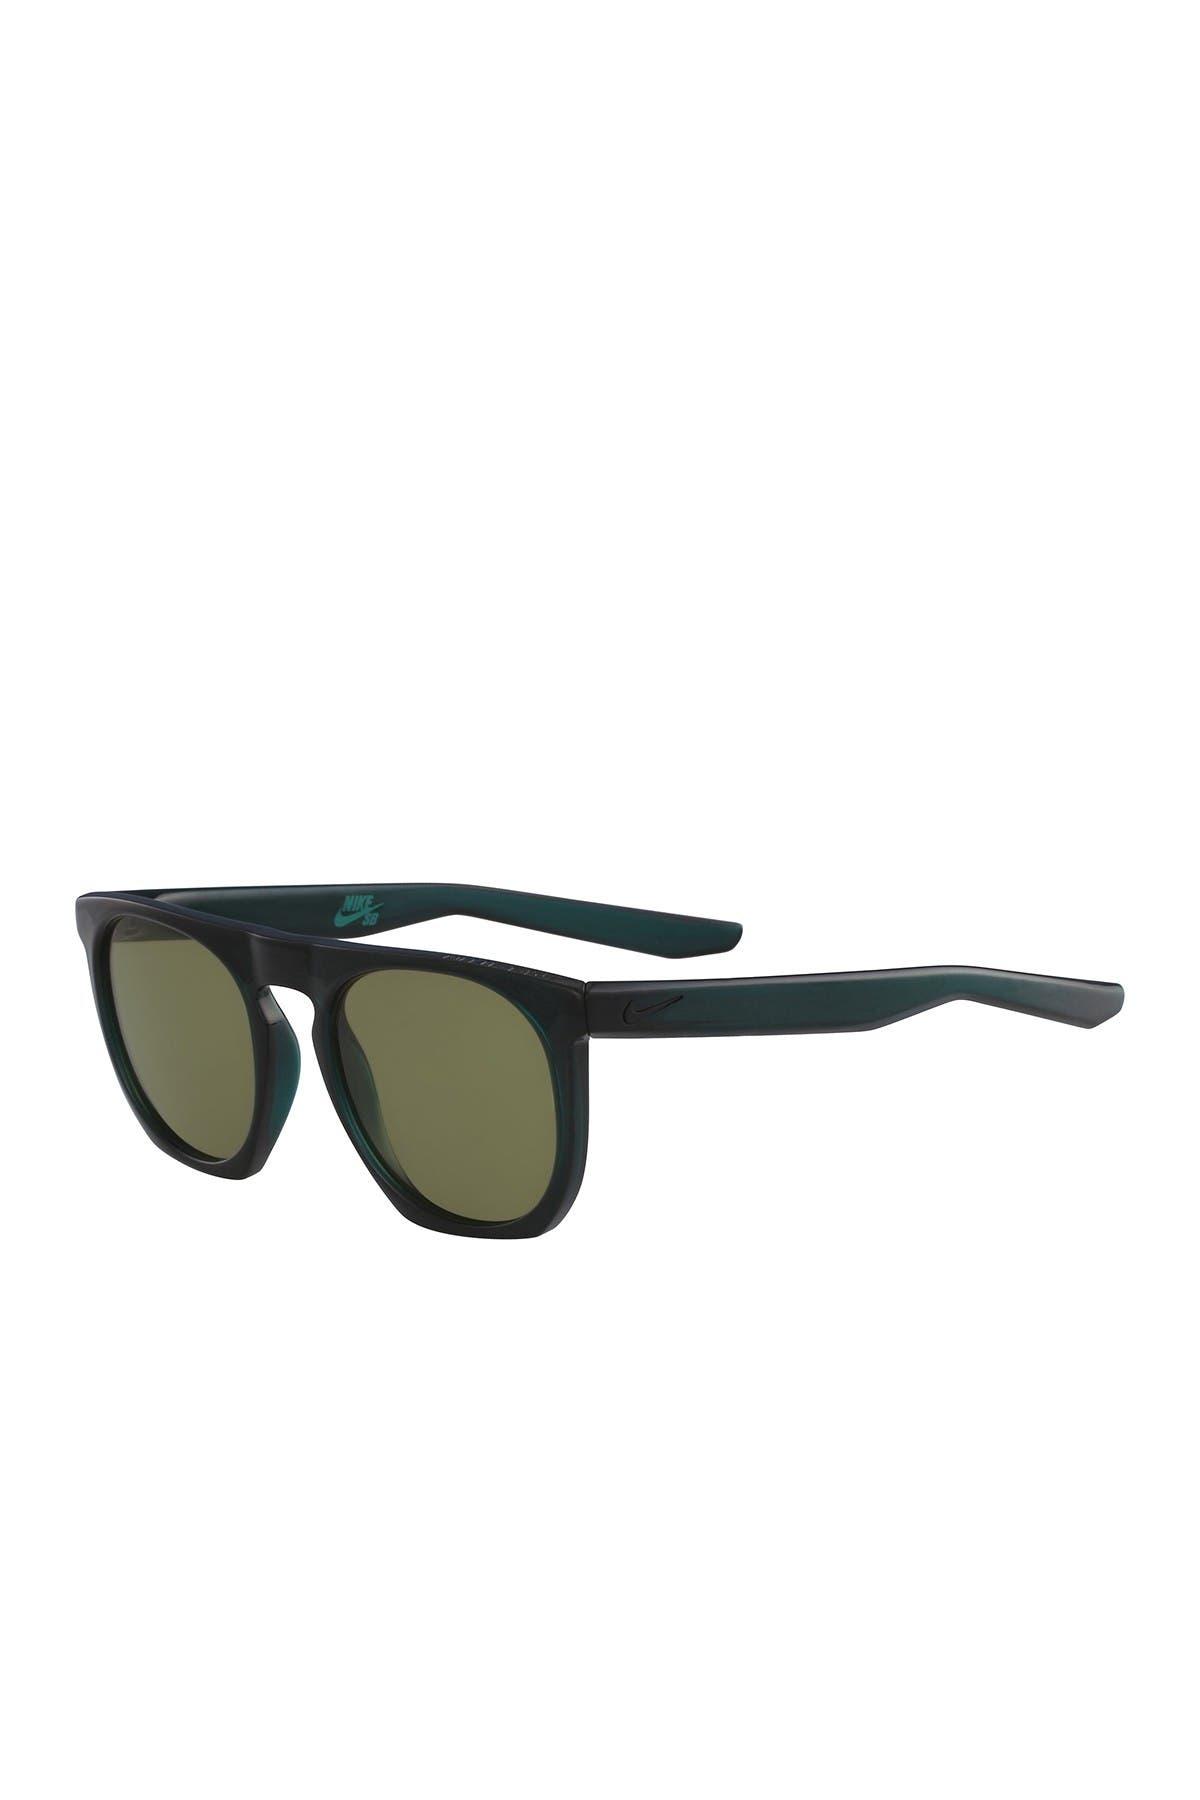 Image of Nike Flatspot 52mm Flat Top Sunglasses